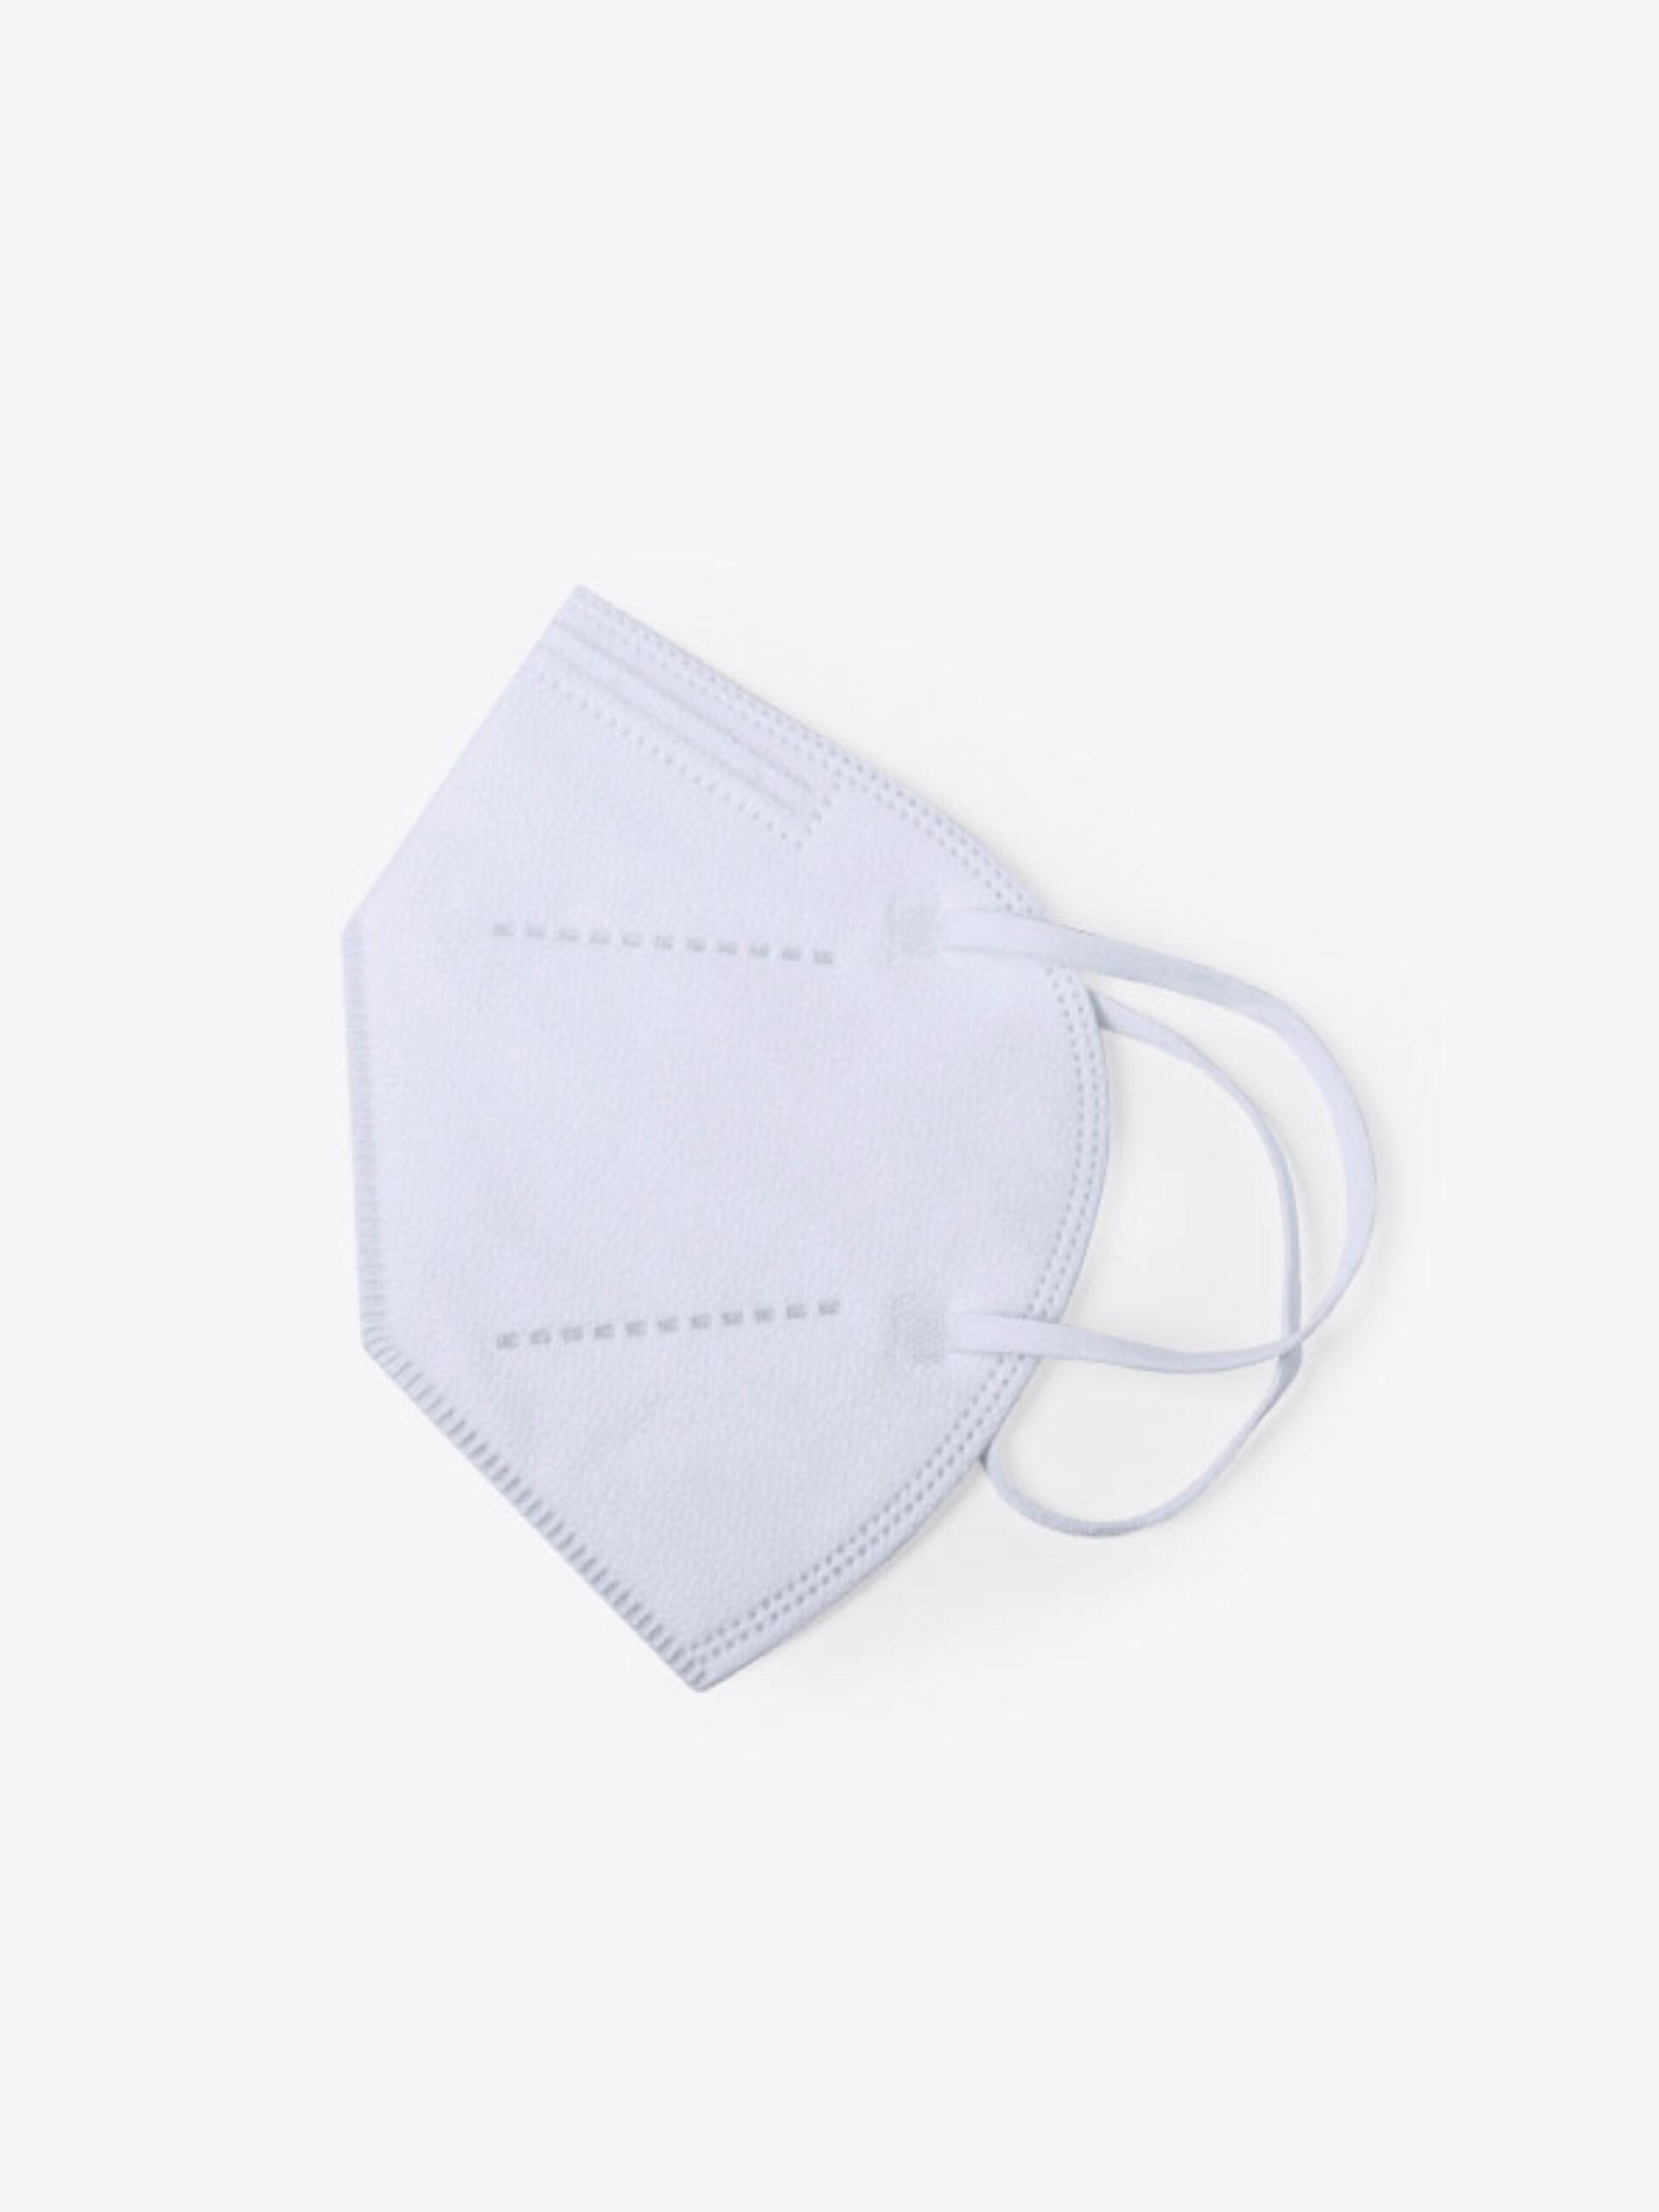 Ffp2 Schutzmaske Einwegmaske Weiss Kaufen